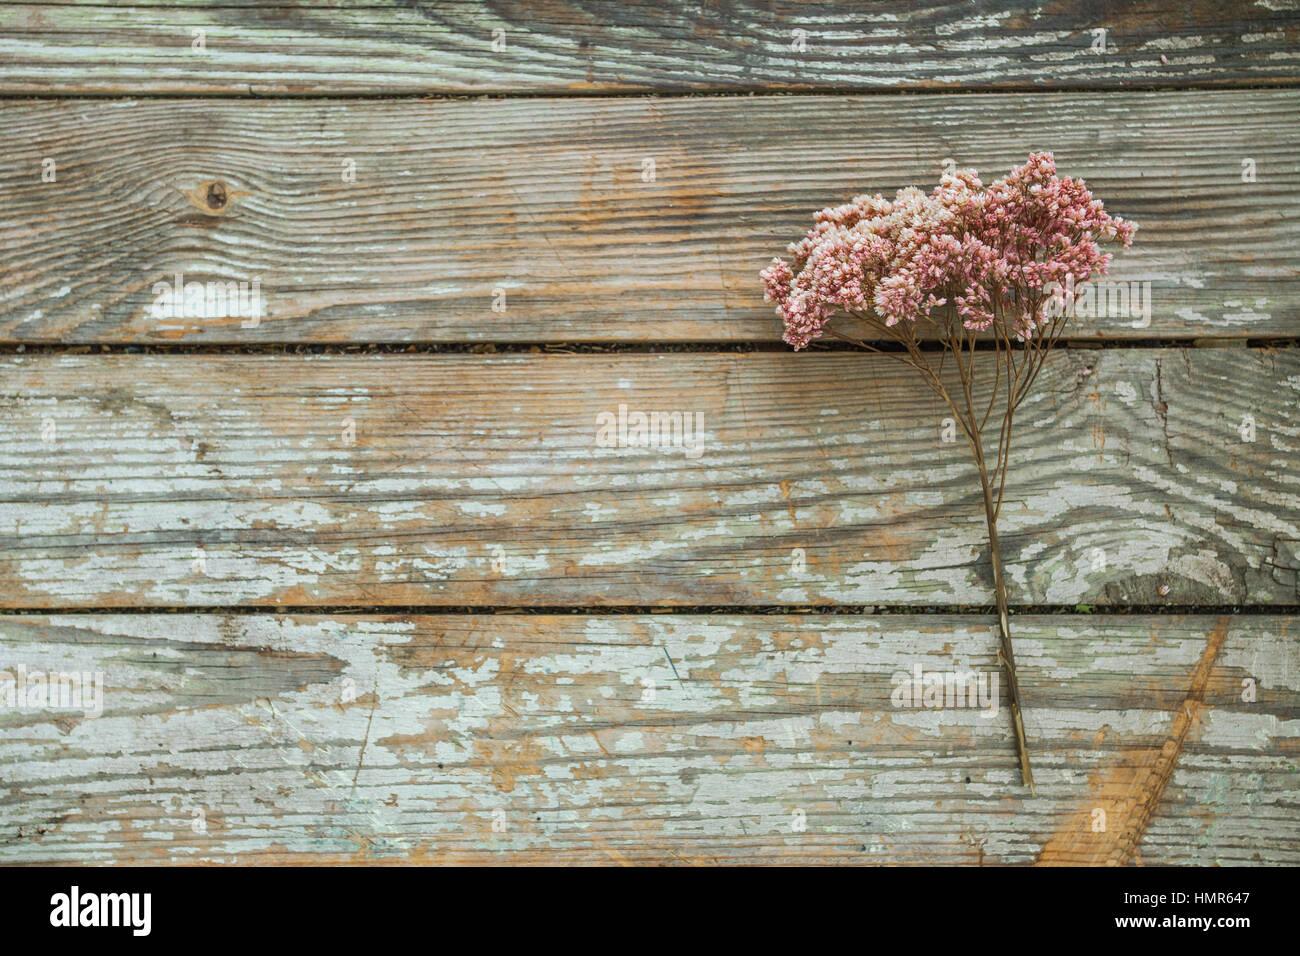 Heather fleurs sèches sur fond de bois, la simplicité, la lumière du jour, l'espace autour de Photo Stock